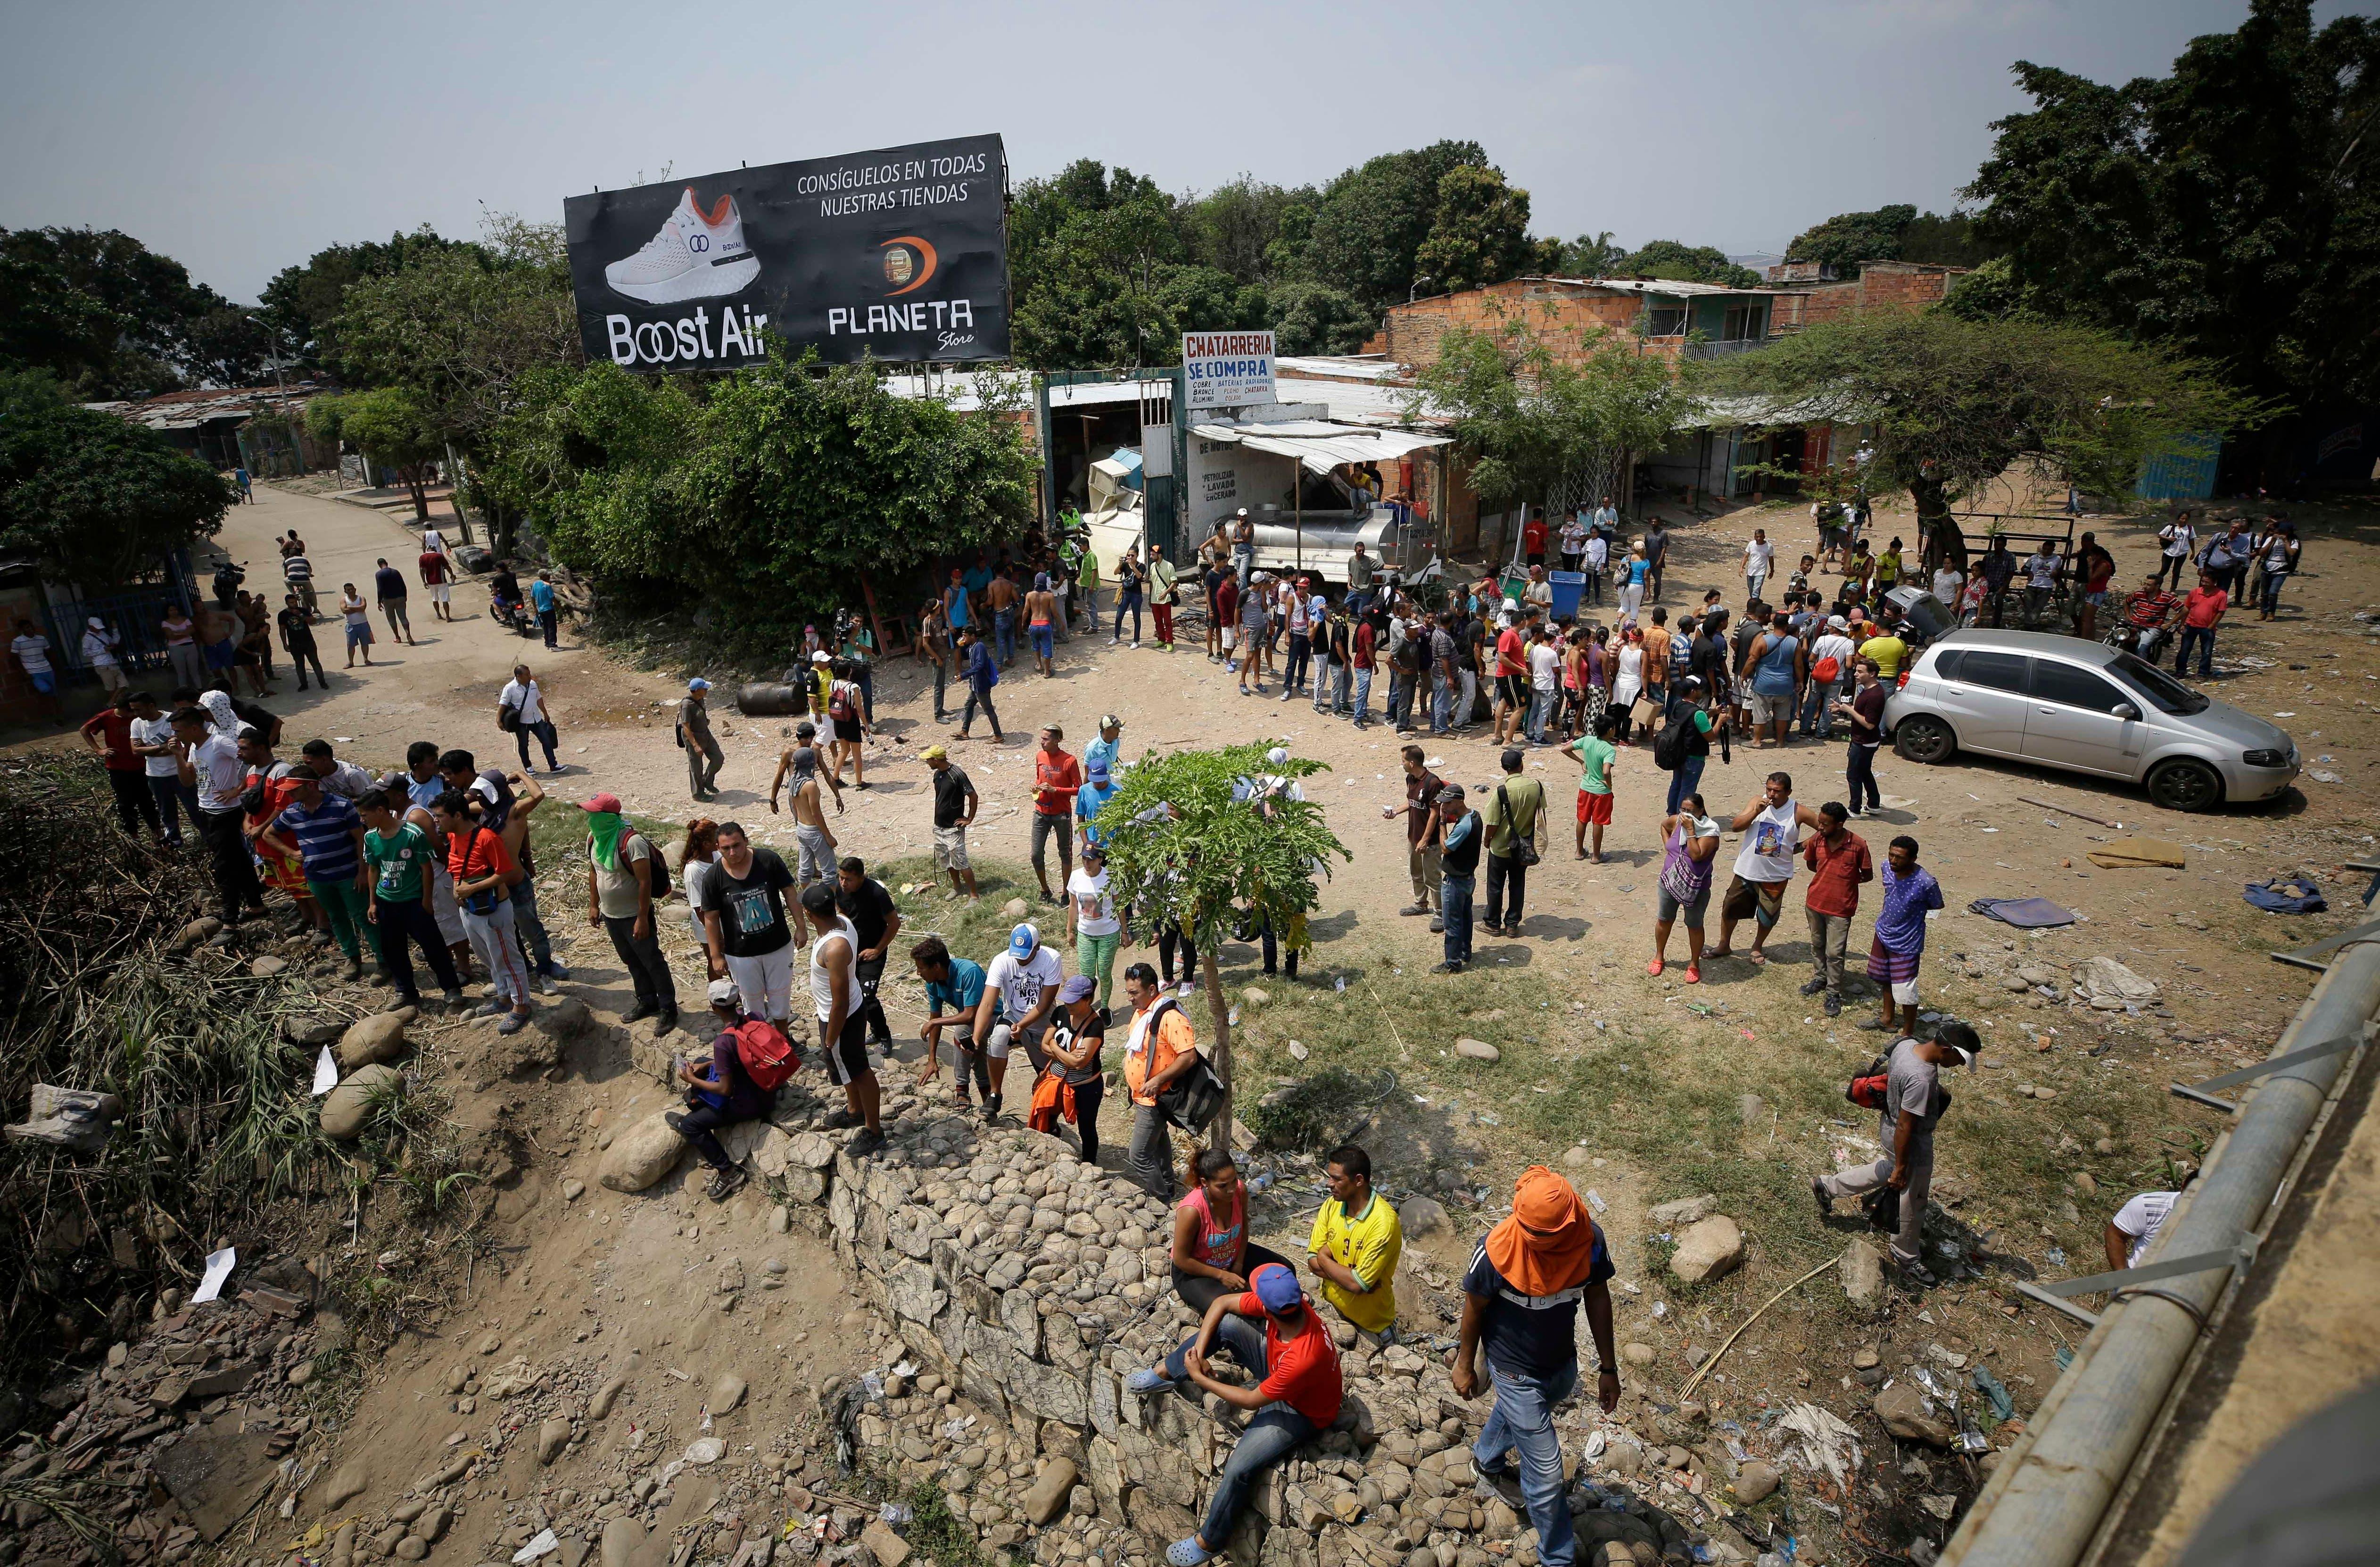 Los migrantes venezolanos esperan en la cola detrás de un vehículo para que los residentes colombianos entreguen comida gratis, mientras que otros, a continuación, observan cómo la gente trata de despejar una barricada creada por la Guardia Nacional de Venezuela en el Puente Internacional Simón Bolívar en La Parada, cerca de Cúcuta, Colombia. en la frontera con Venezuela, el domingo, 24 de febrero de 2019. AP